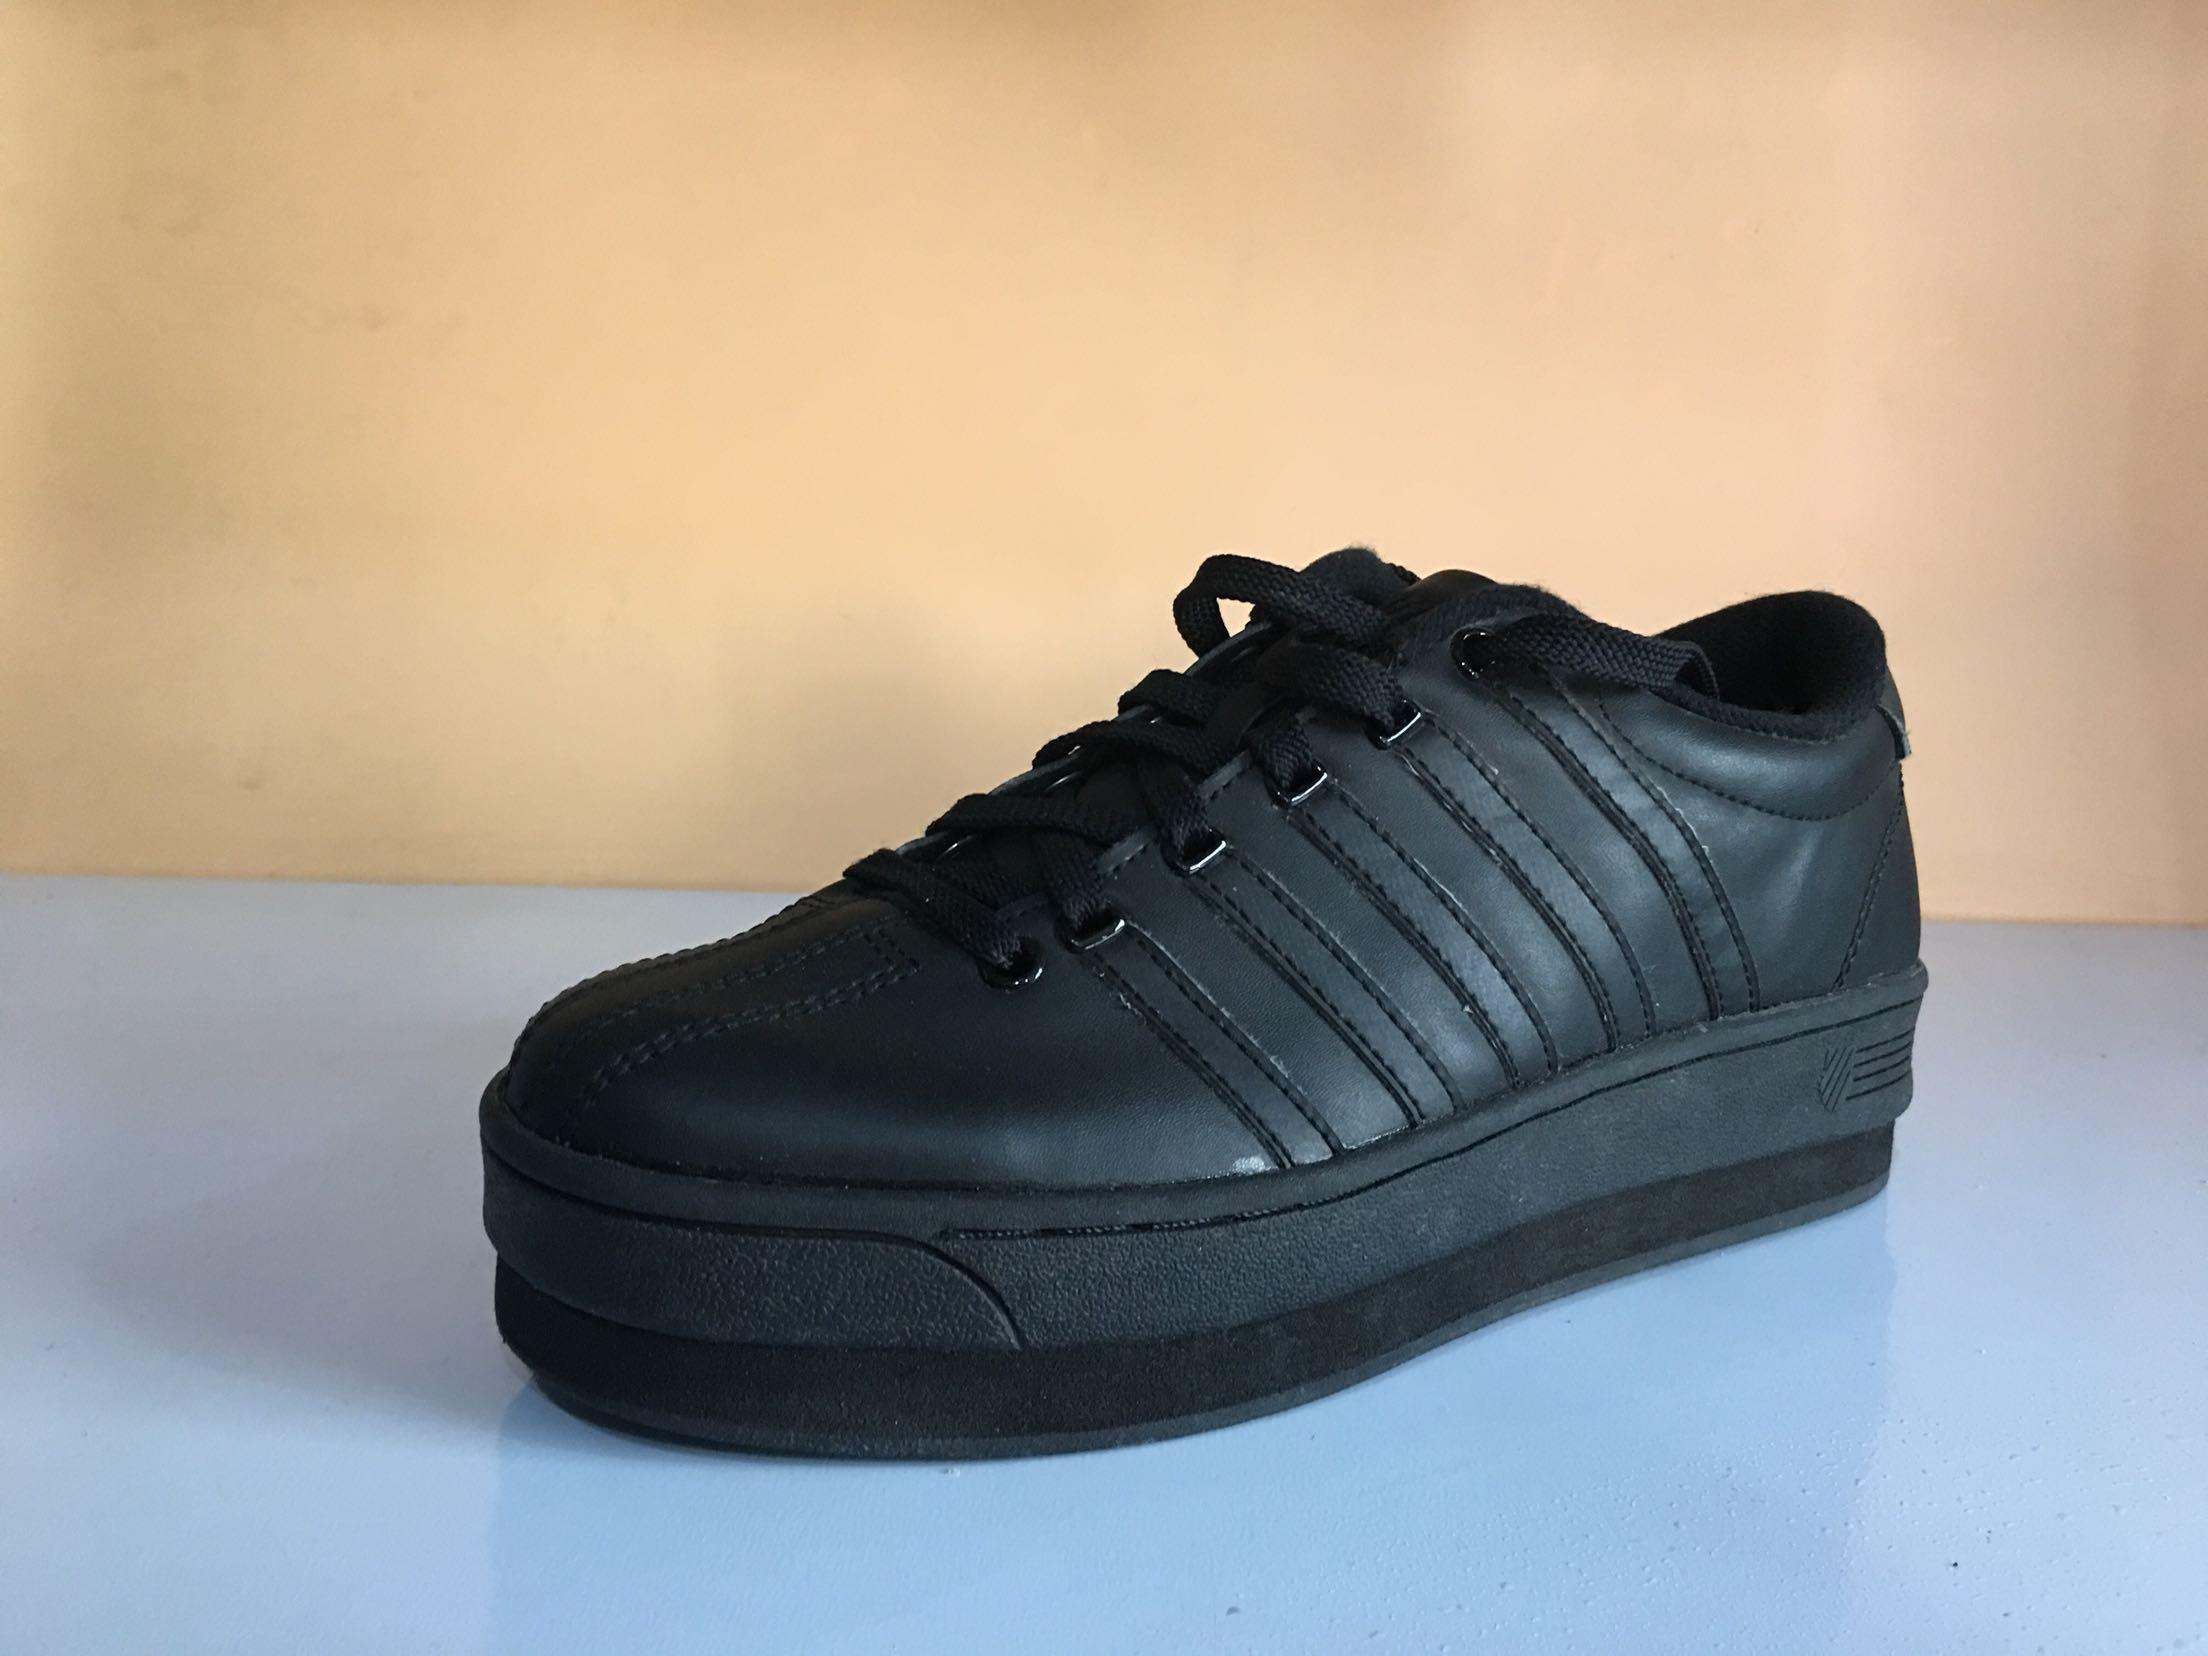 38松糕鞋增高鞋威时尚百搭耐磨休闲鞋牛皮运动板鞋s海外版盖